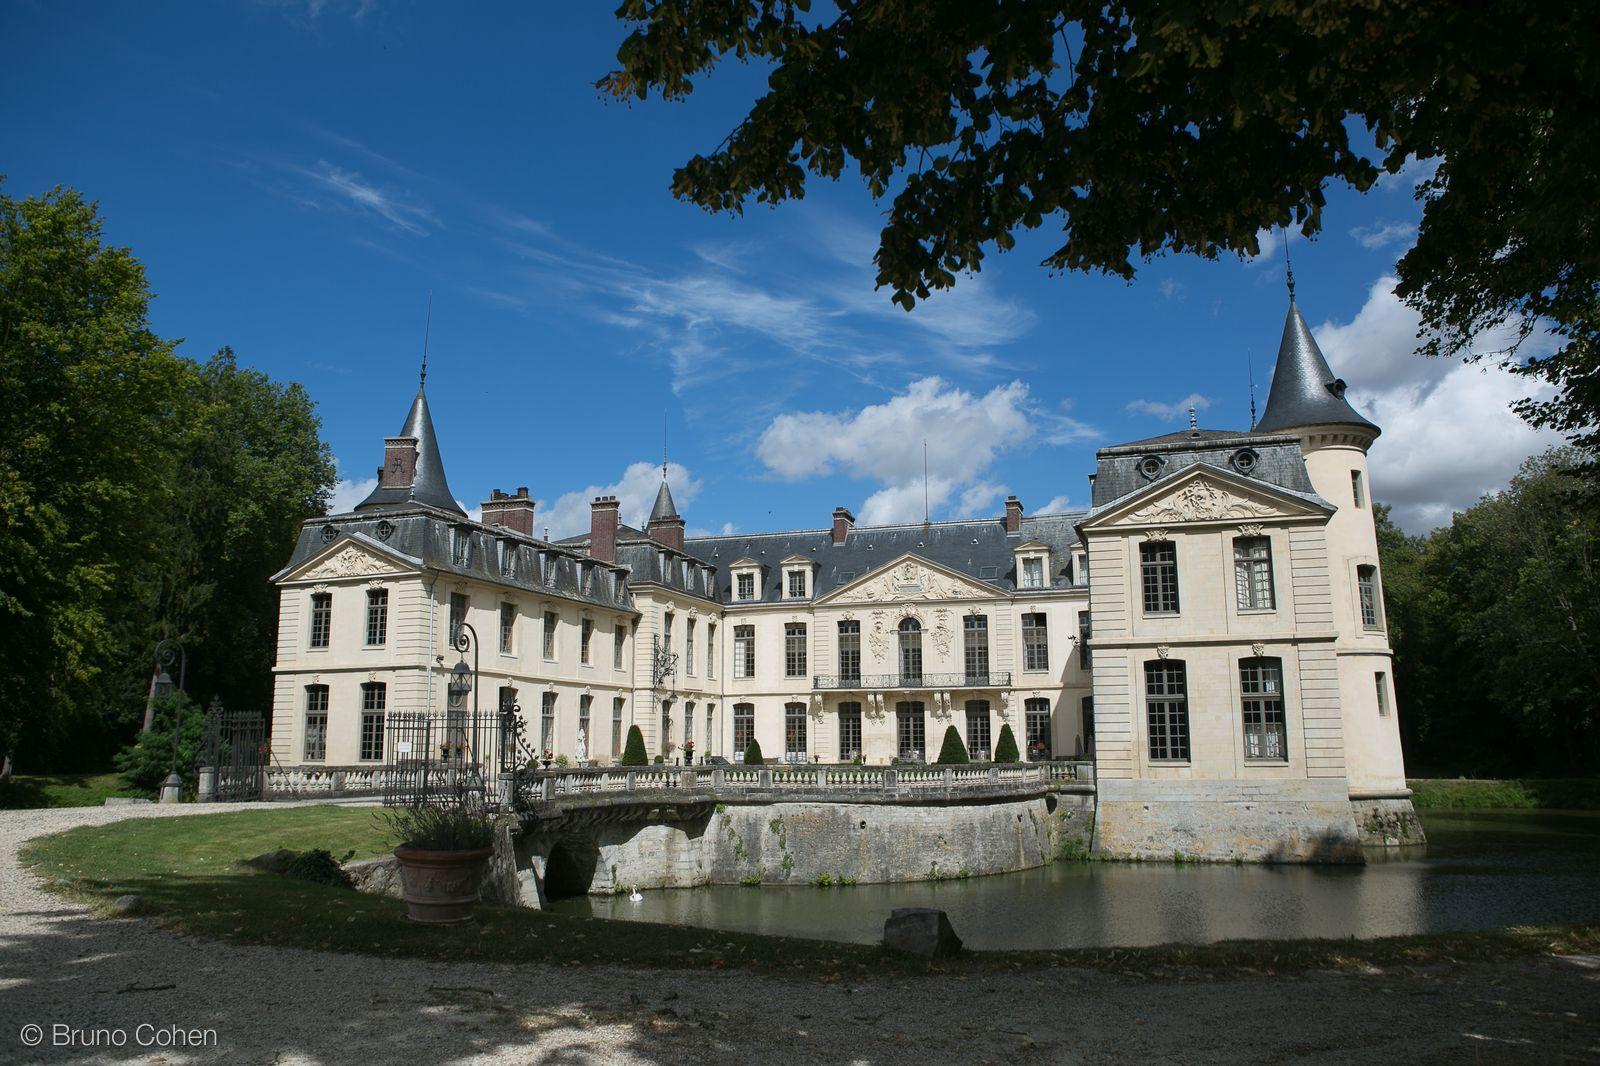 carmen et olivier mariage au chateau dermenonville - Chateau D Ermenonville Mariage